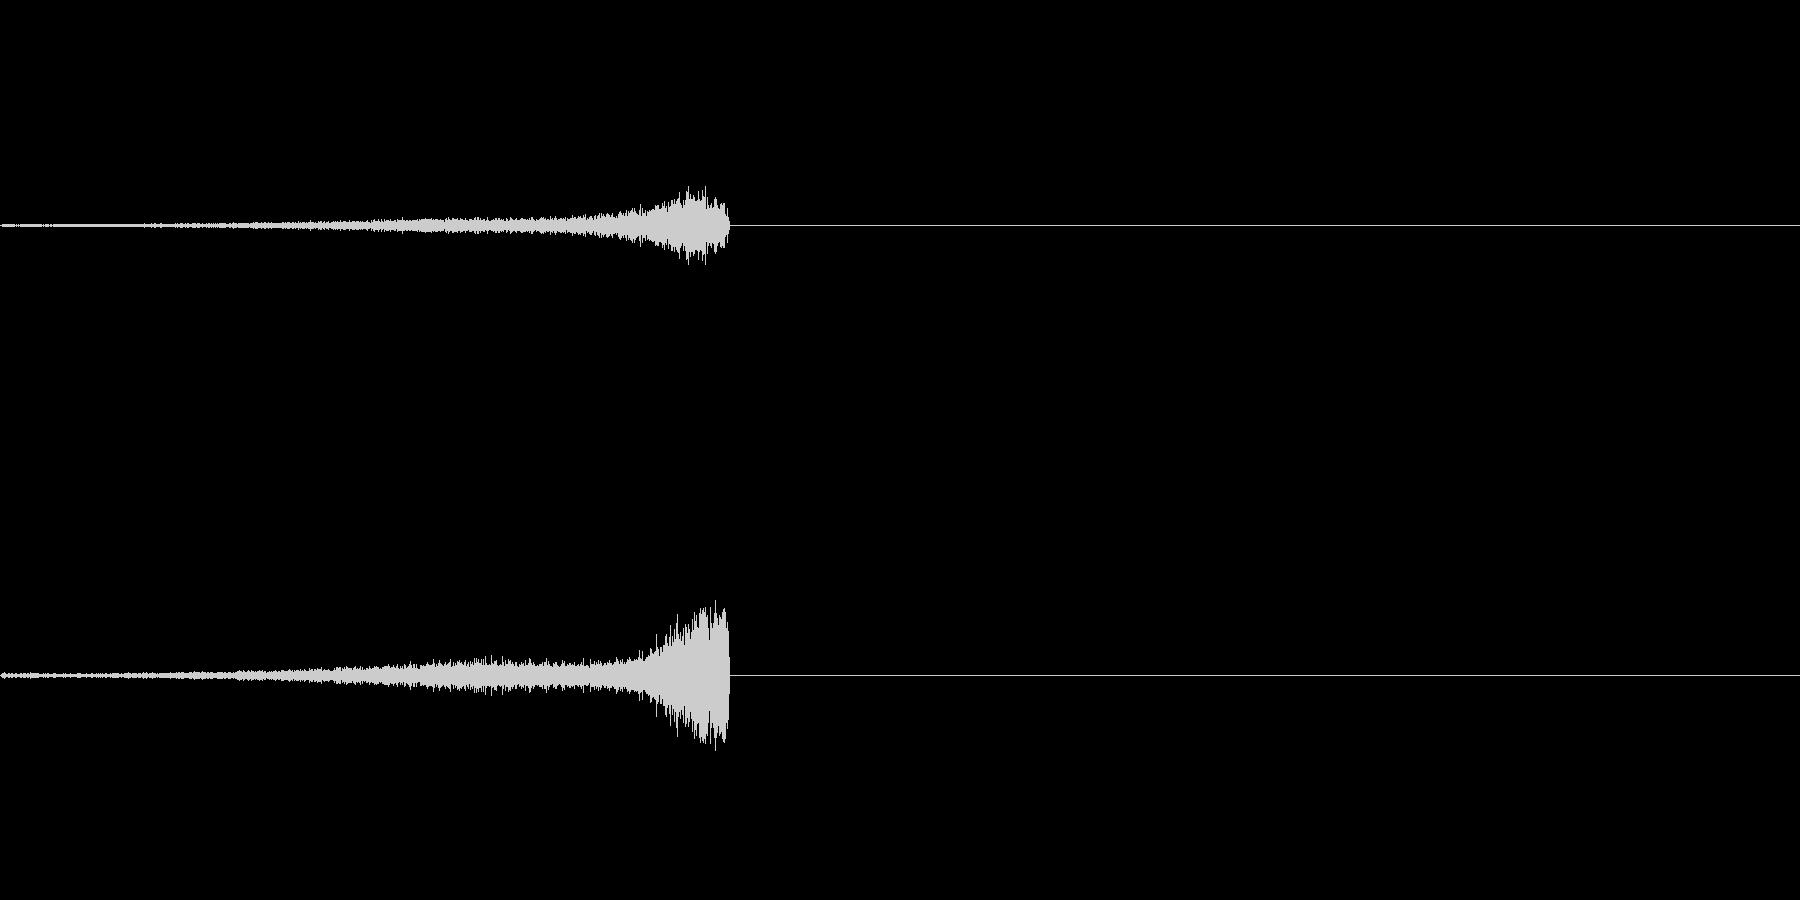 次のステップに進むクリック音5の未再生の波形